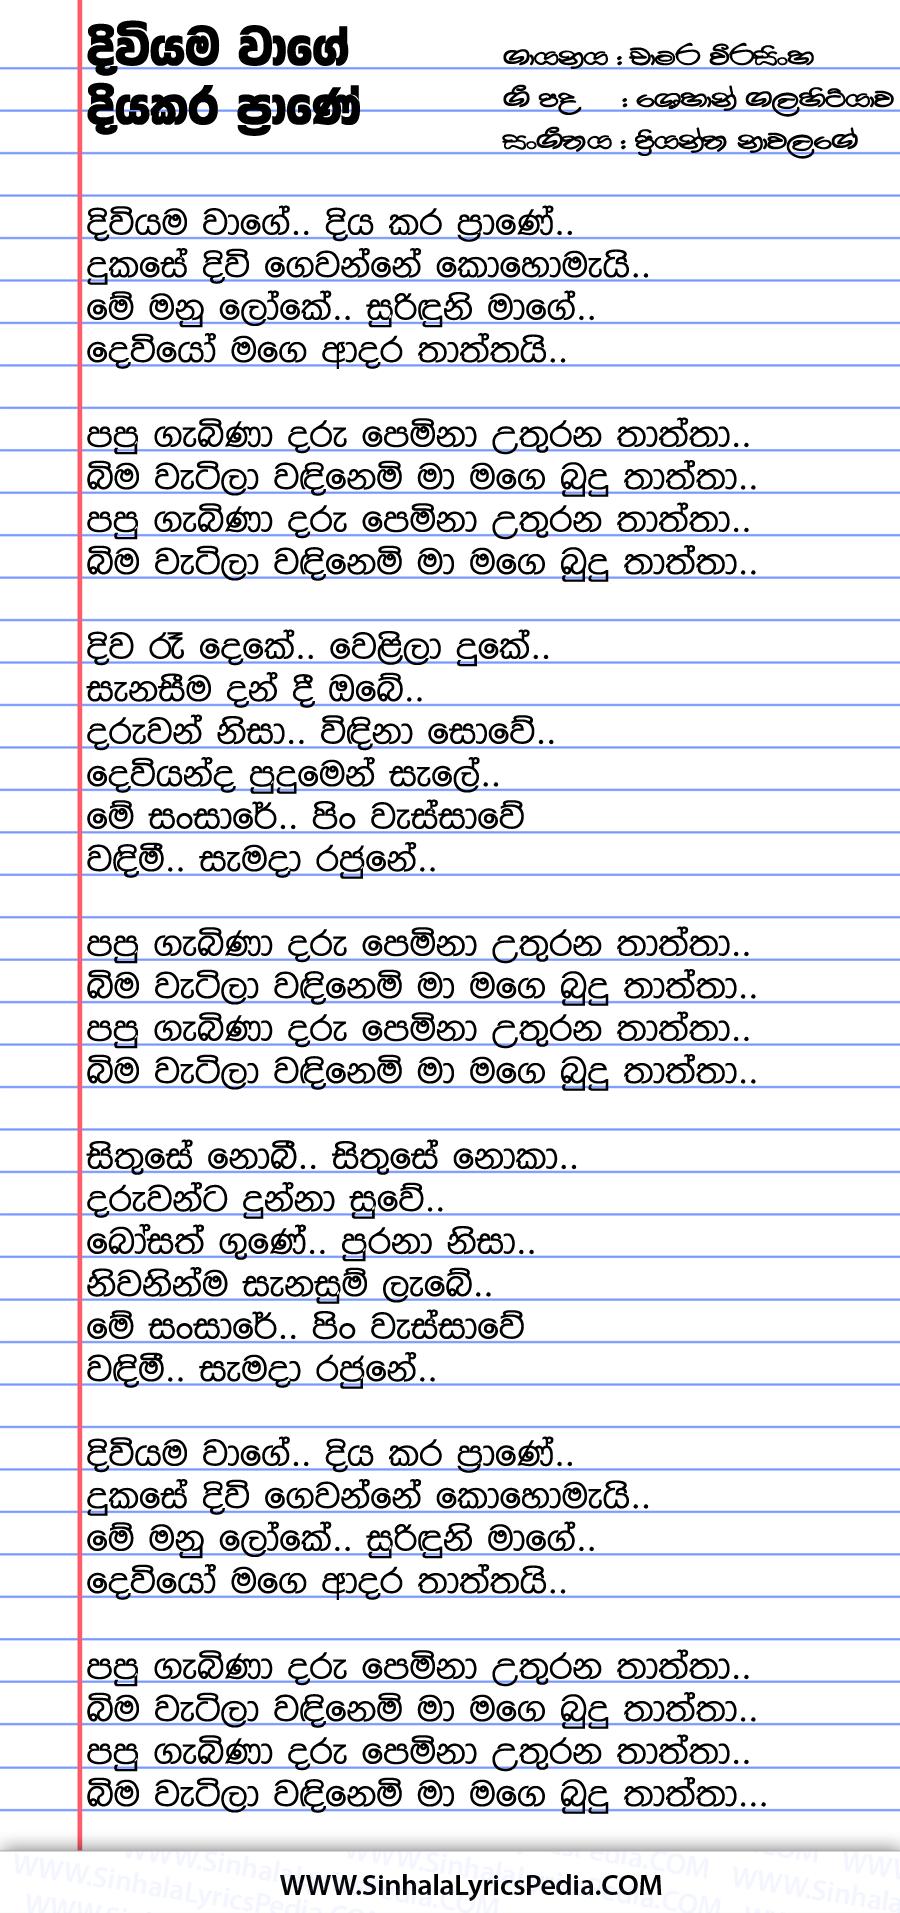 Diviyama Wage Diyakara Prane (Thaththa) Song Lyrics